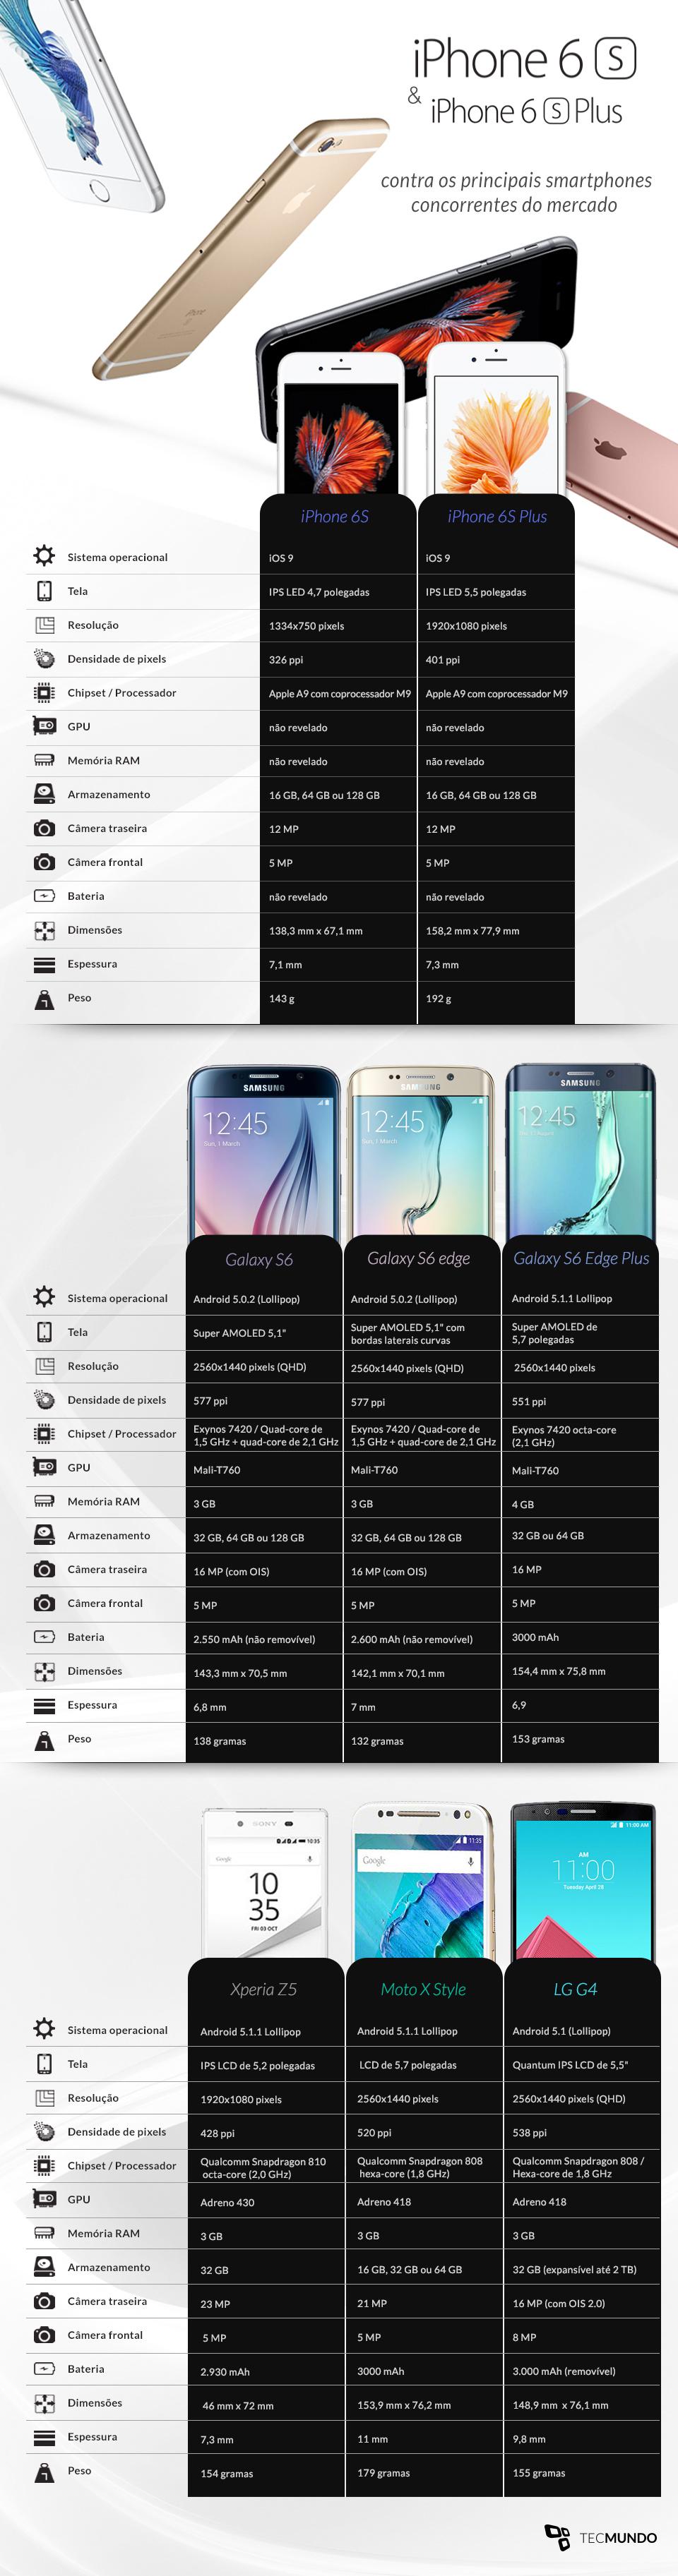 iPhone 6S e iPhone 6S Plus contra os principais smartphones do mercado